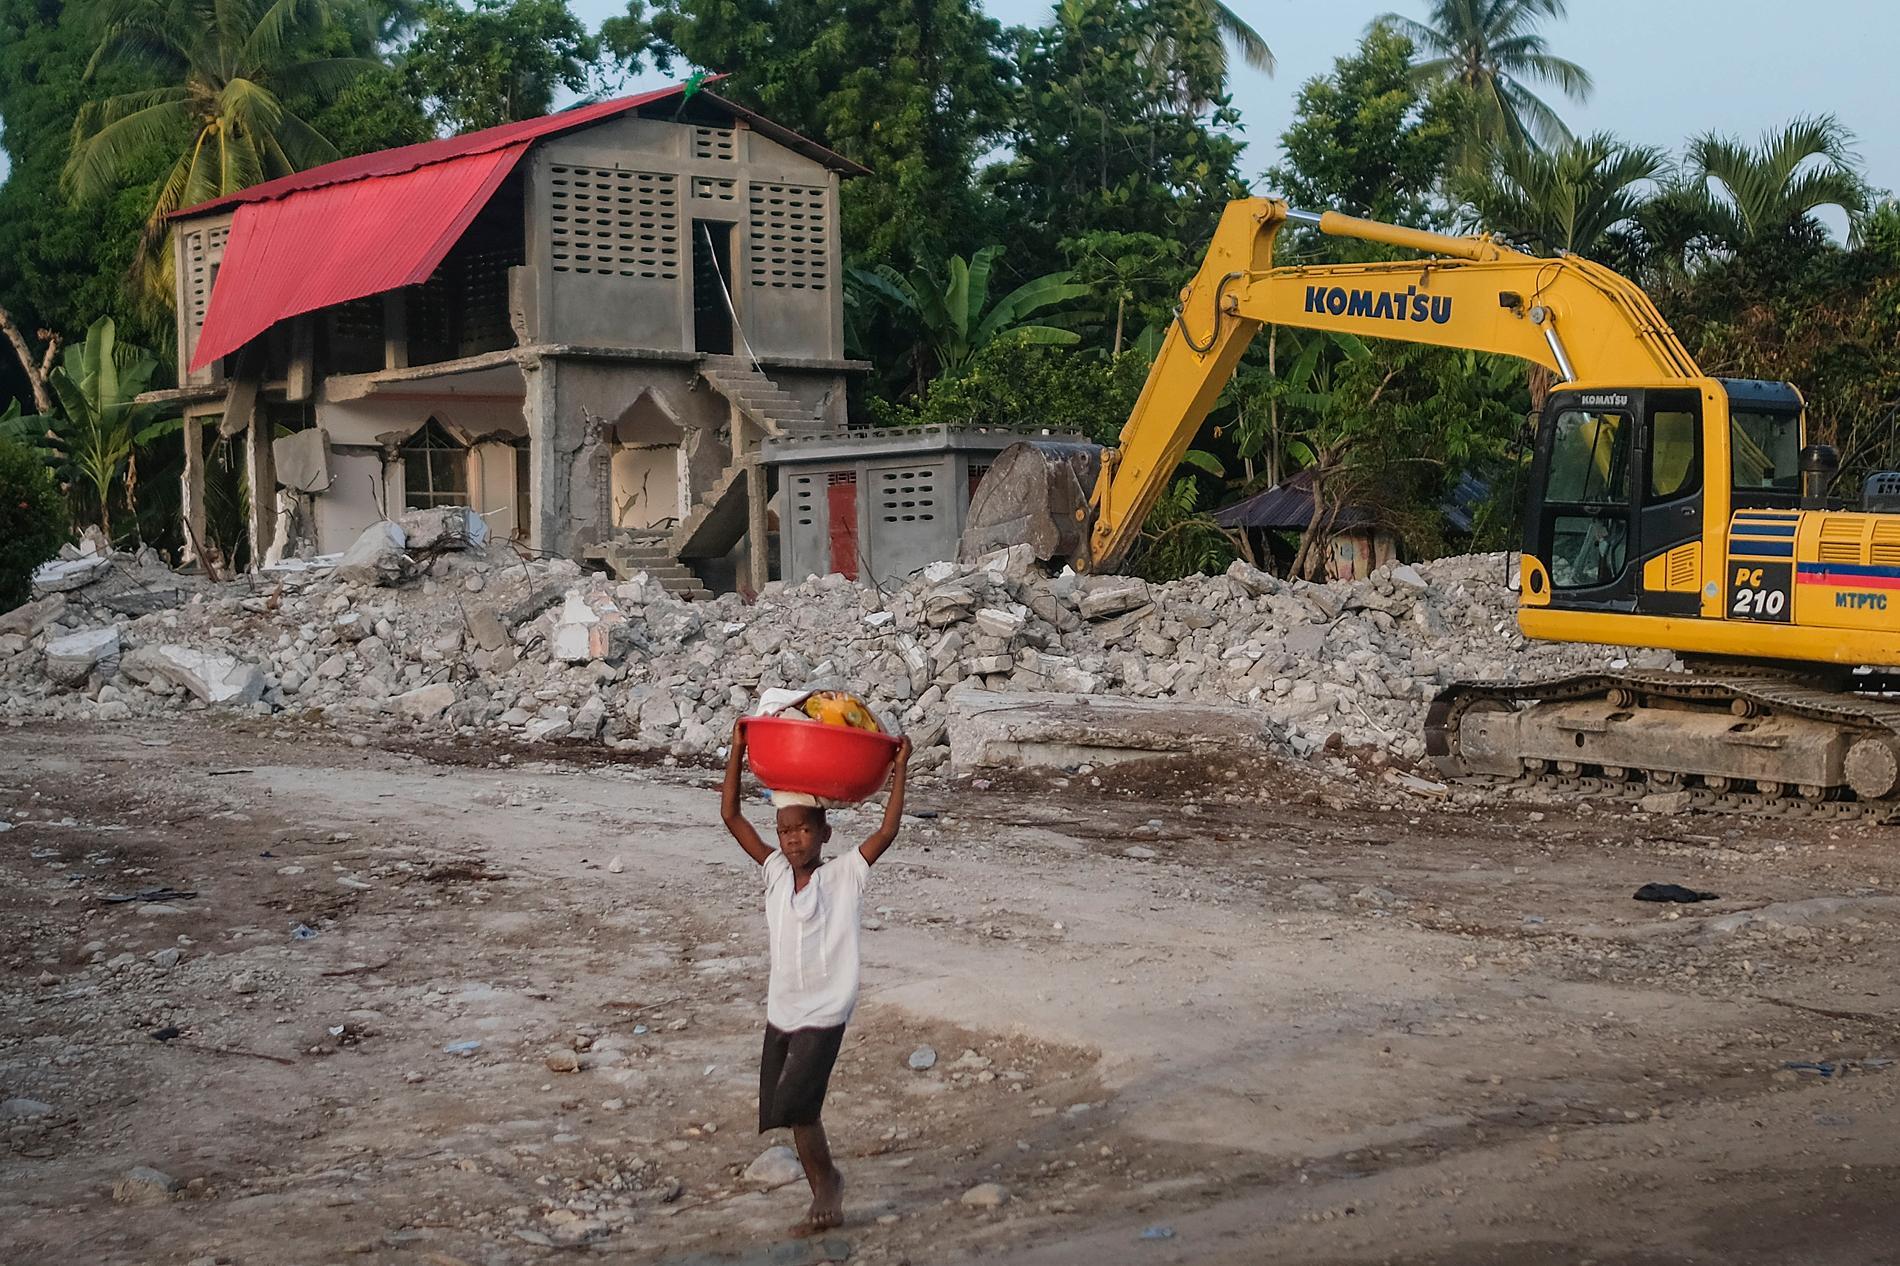 En pojke passerar en kyrka i Maniche, sydvästra Haiti, som förstörts i jordskalvet.